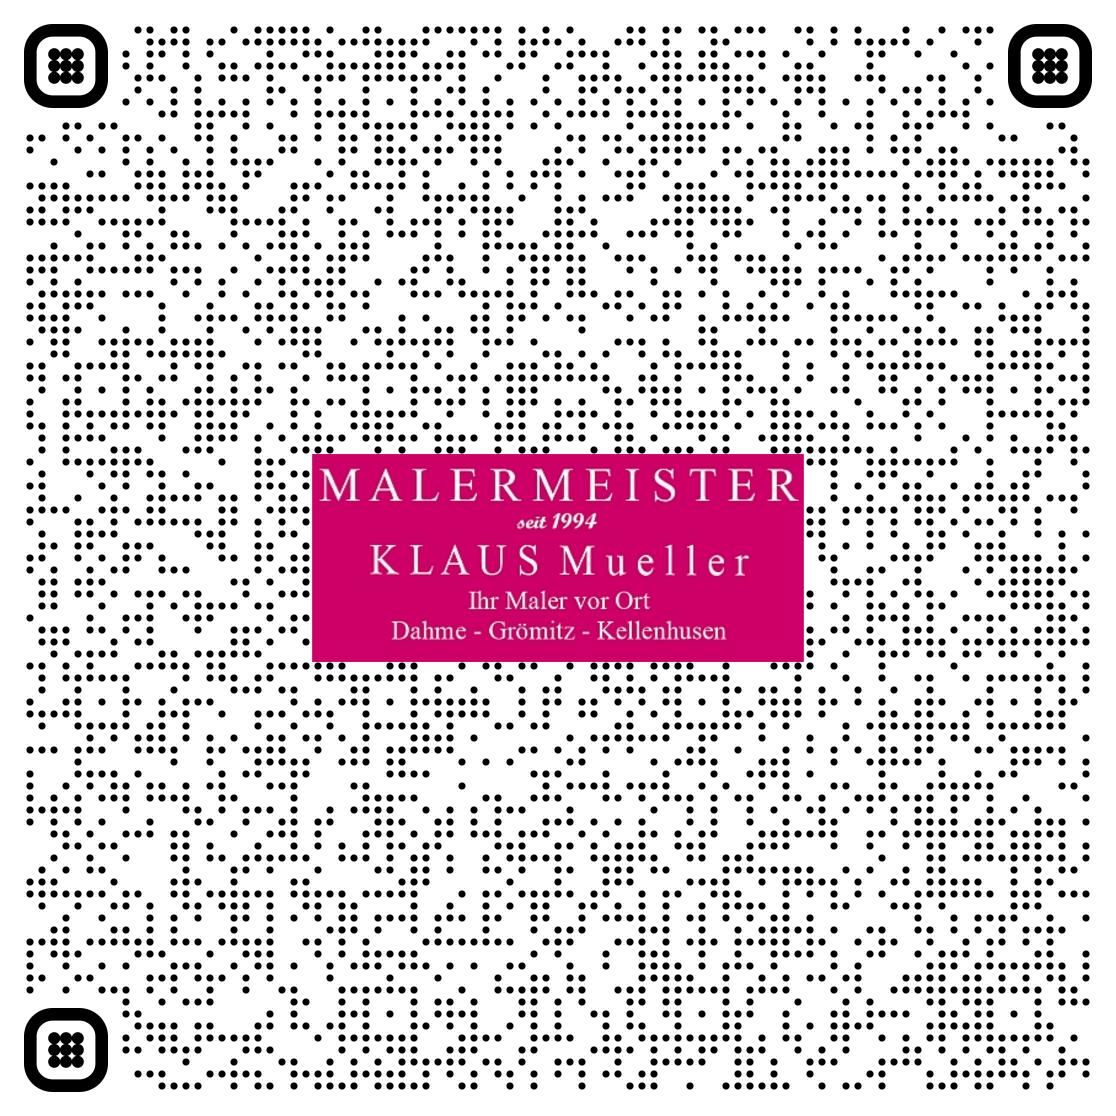 https://malermeister-klaus-mueller.de/visitenkarte/